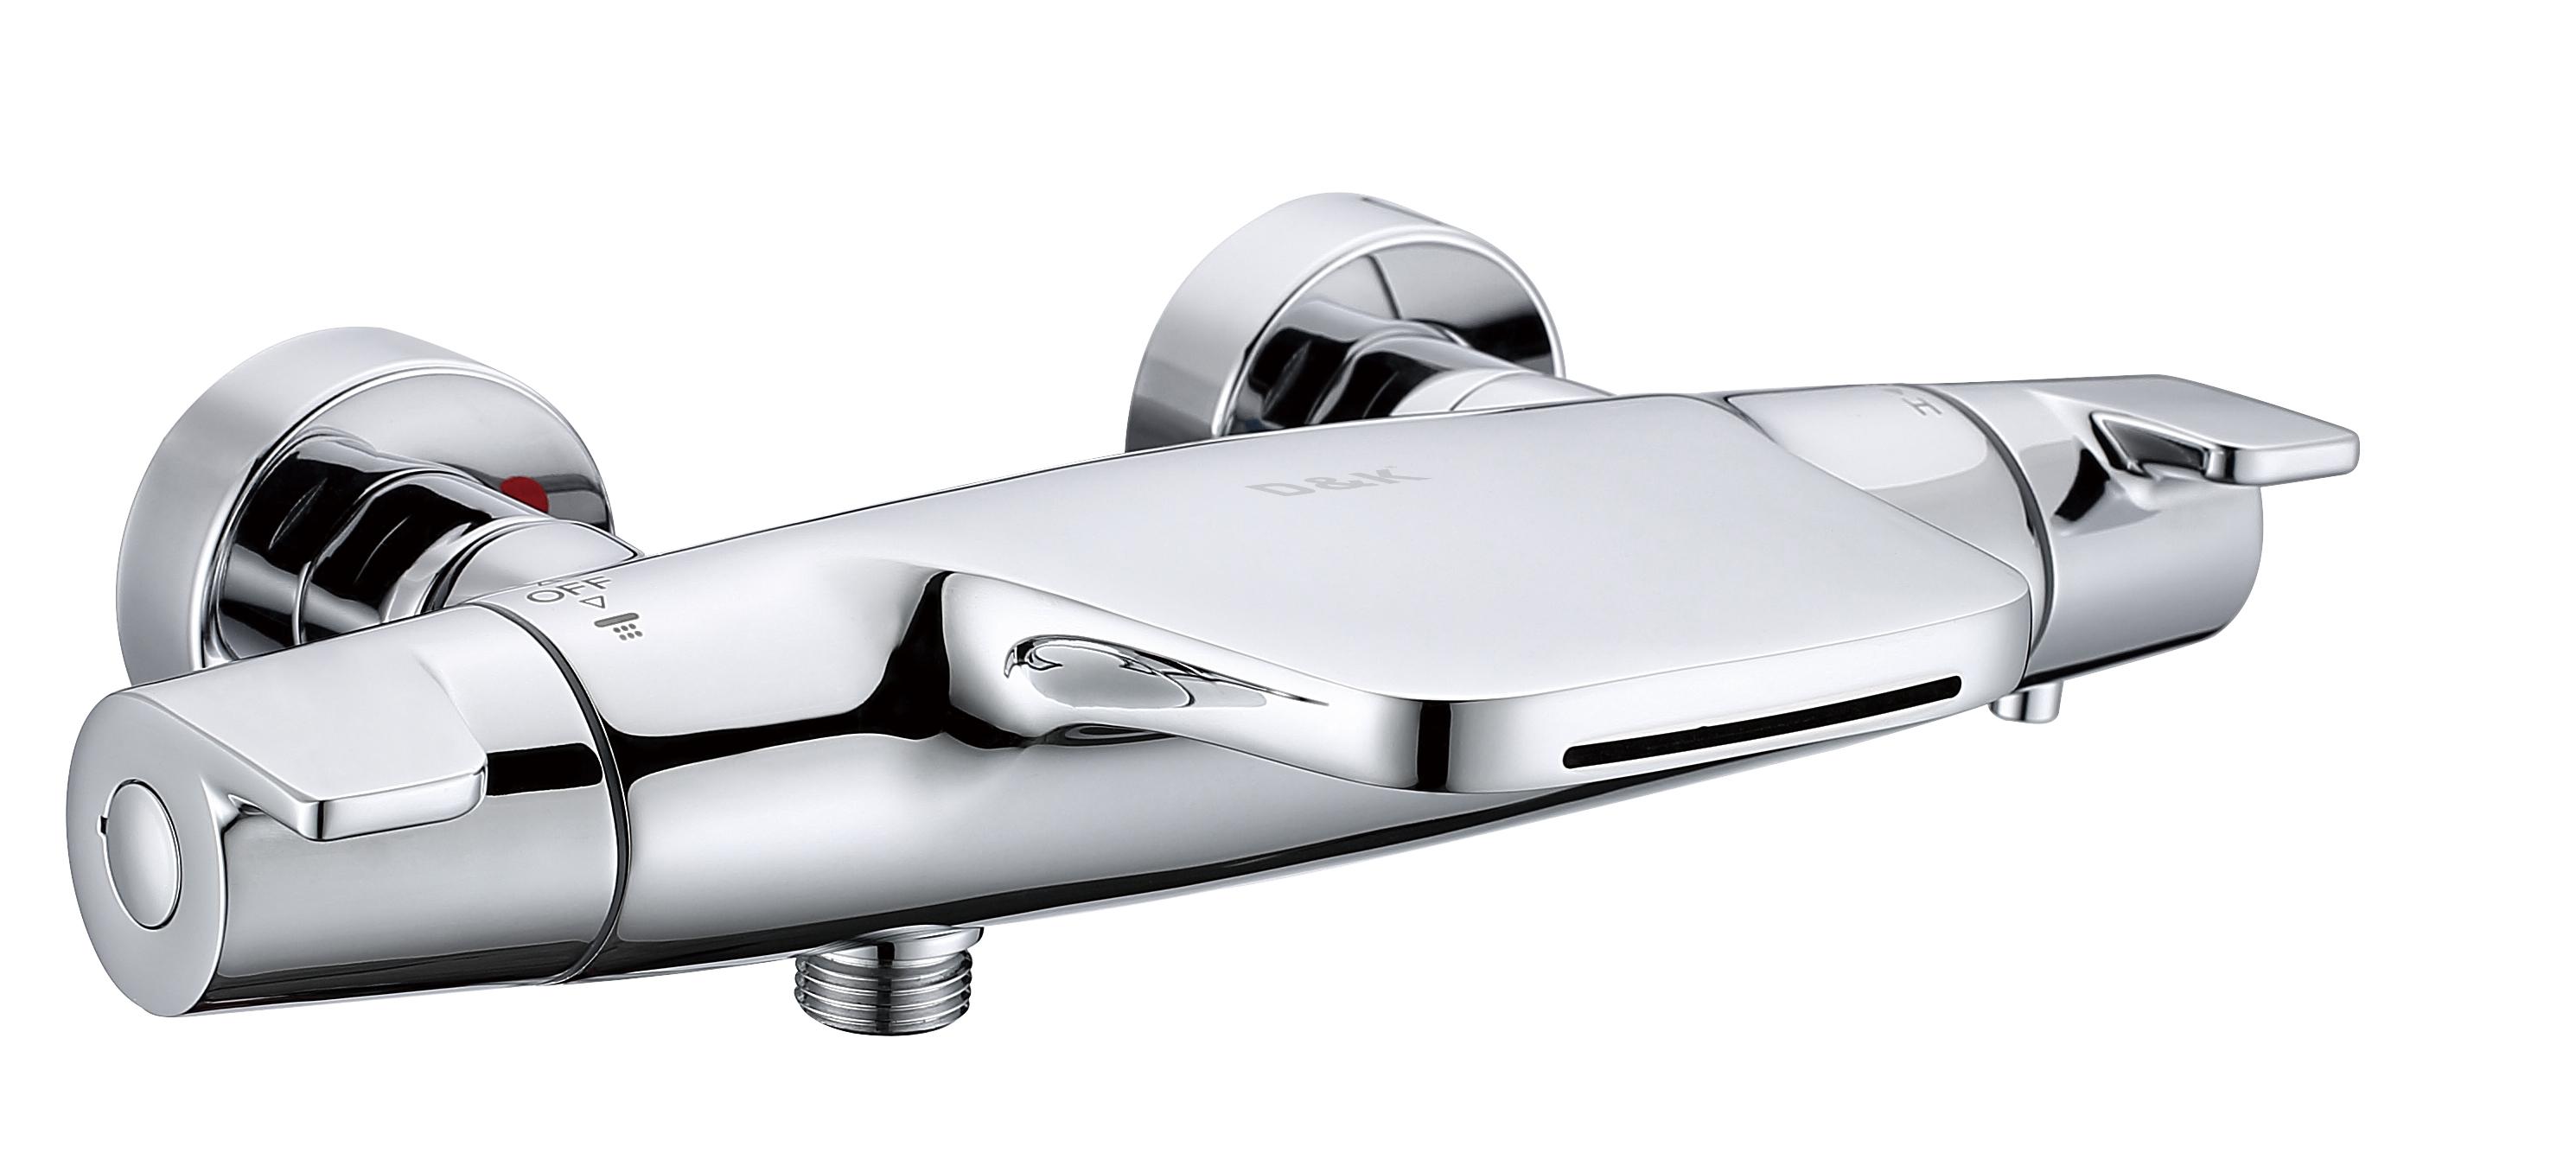 Термостат для ванны с душем D&K Bayern.Potsdam DA2143201 хром